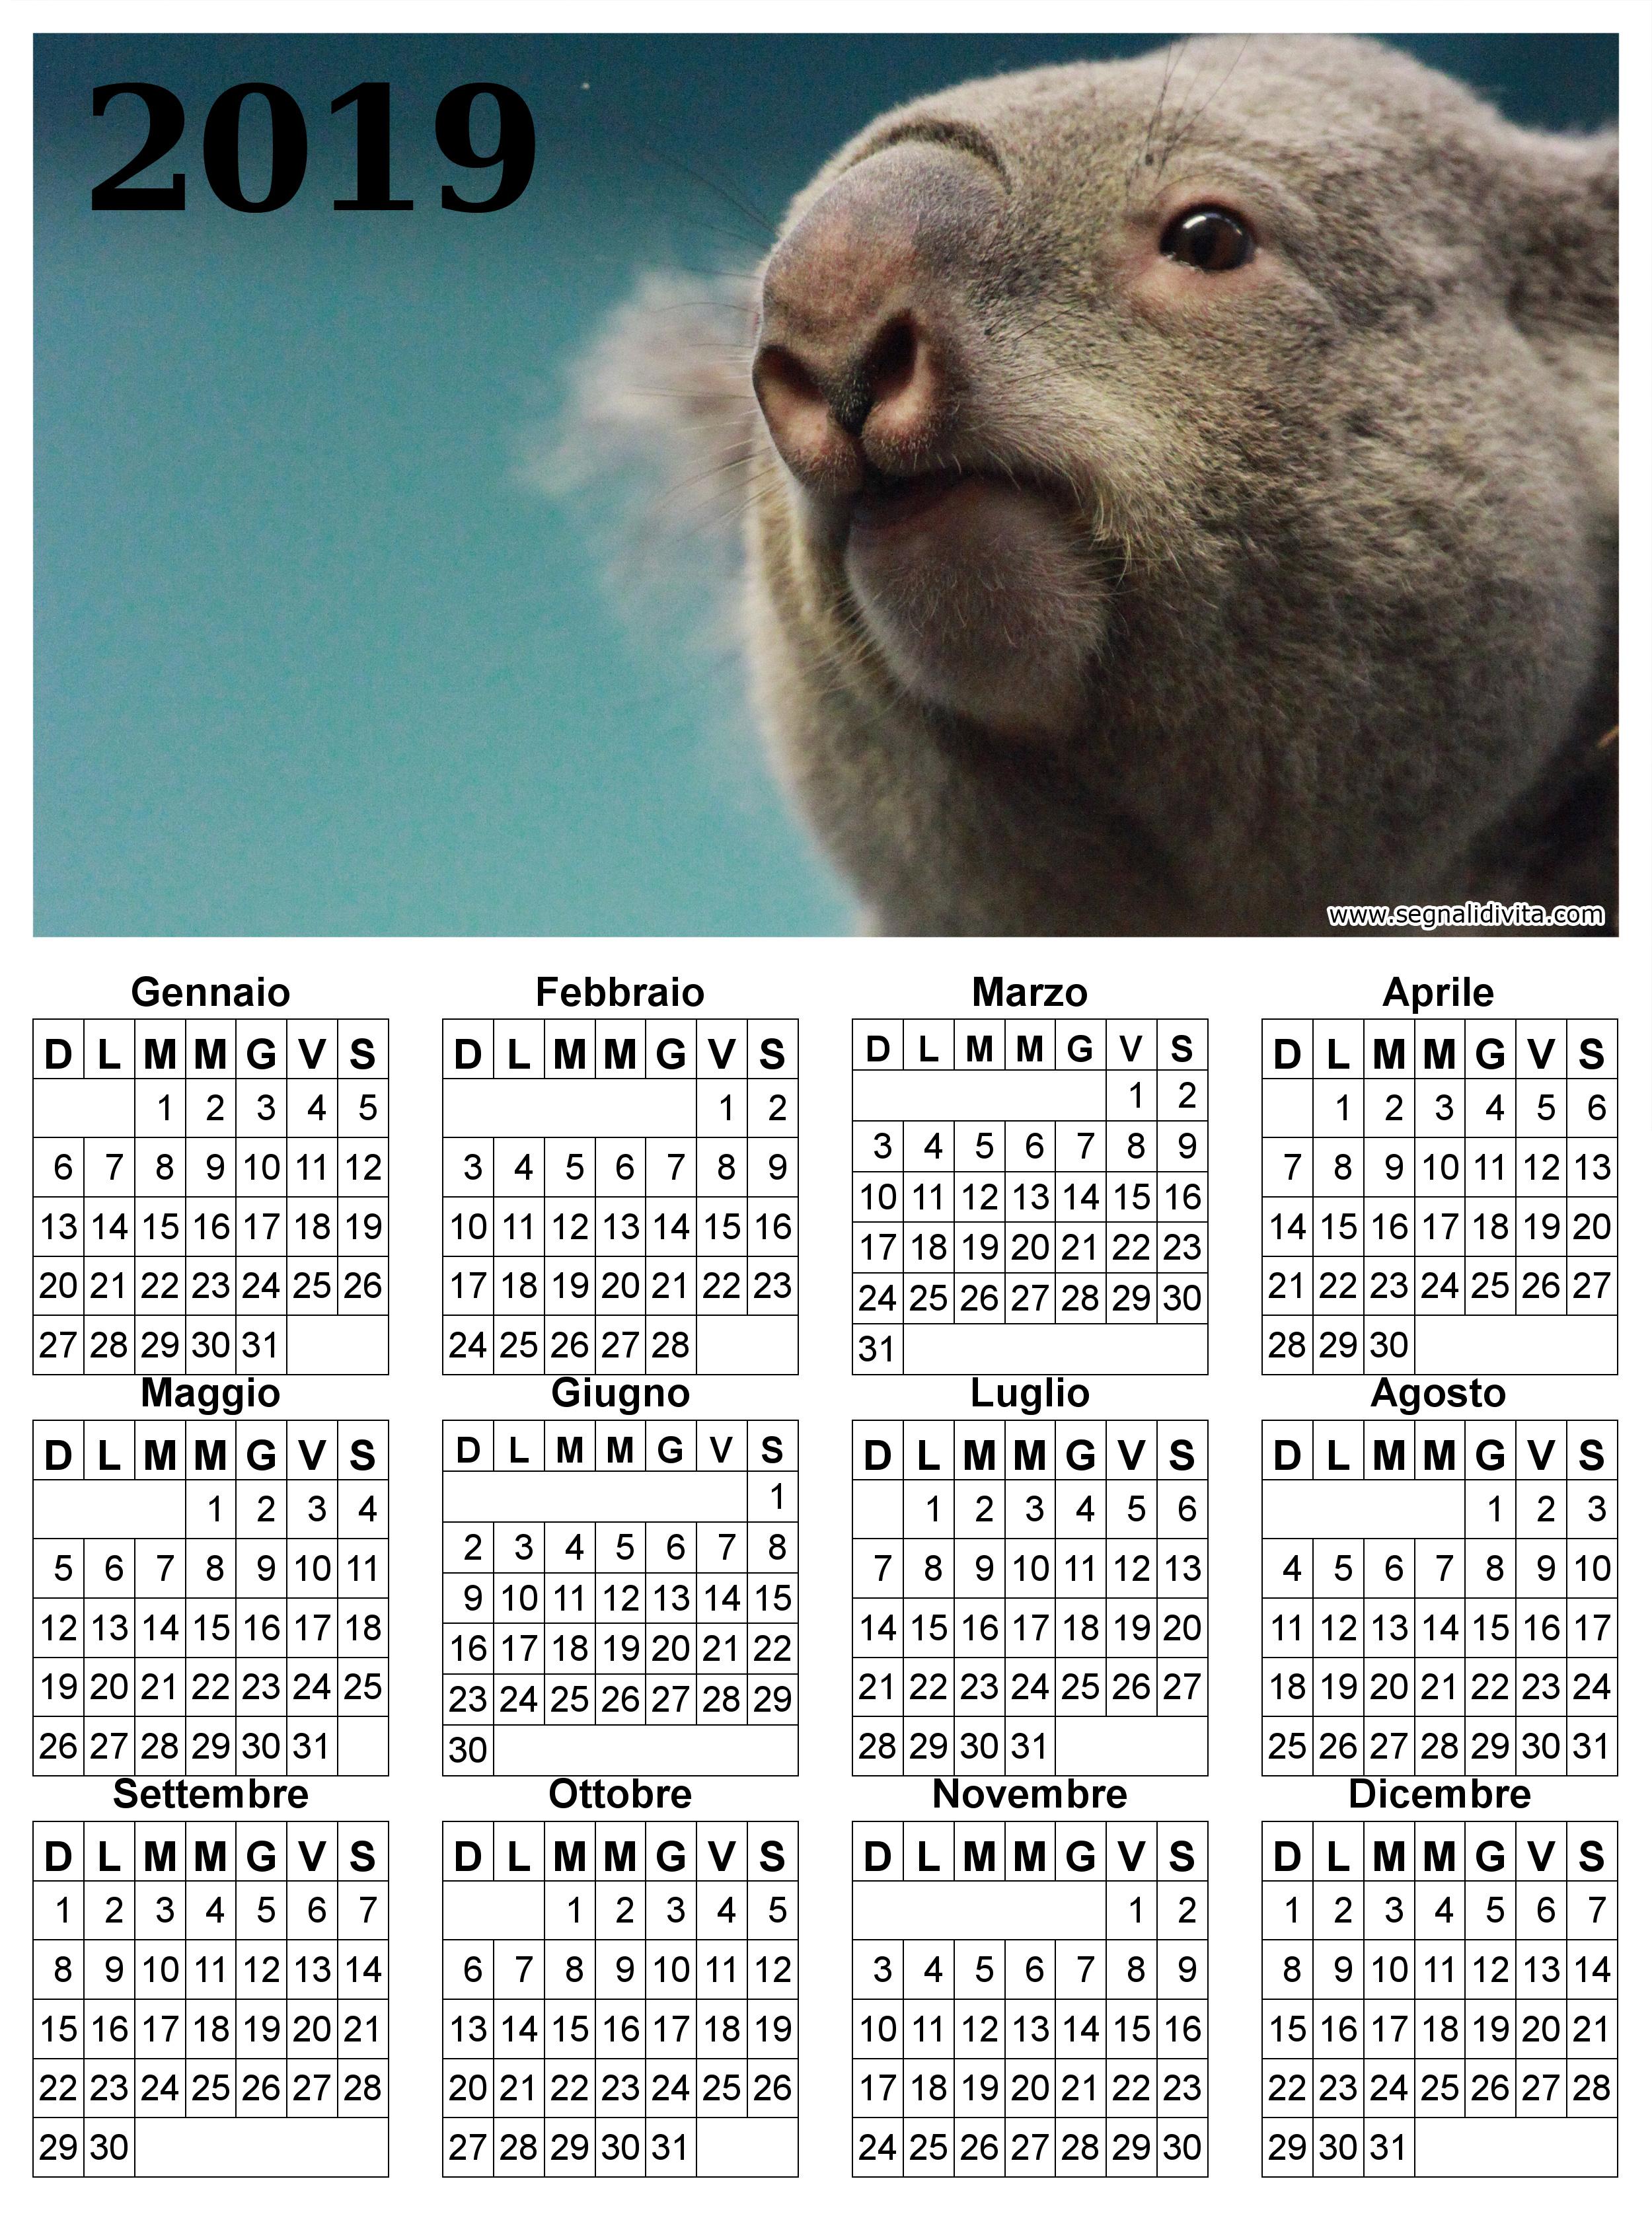 Calendario con Koala del 2019